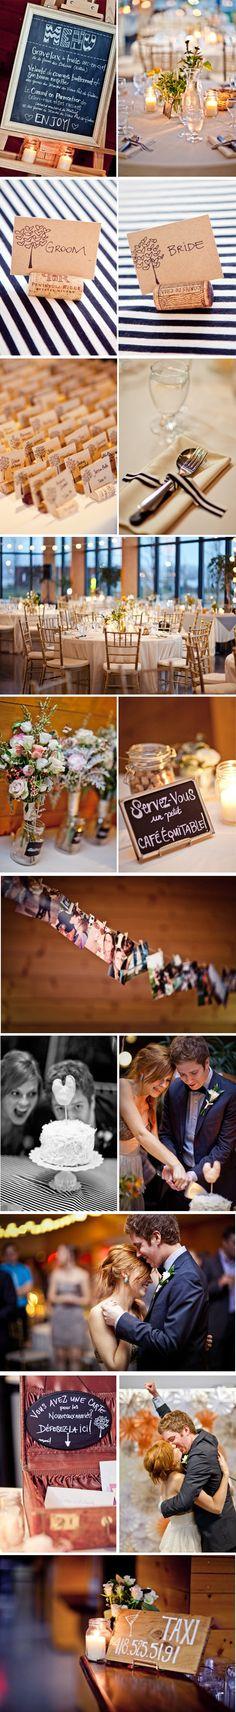 un joli mariage : coup de coeur pour les marque-places simples et jolis    très mignon!